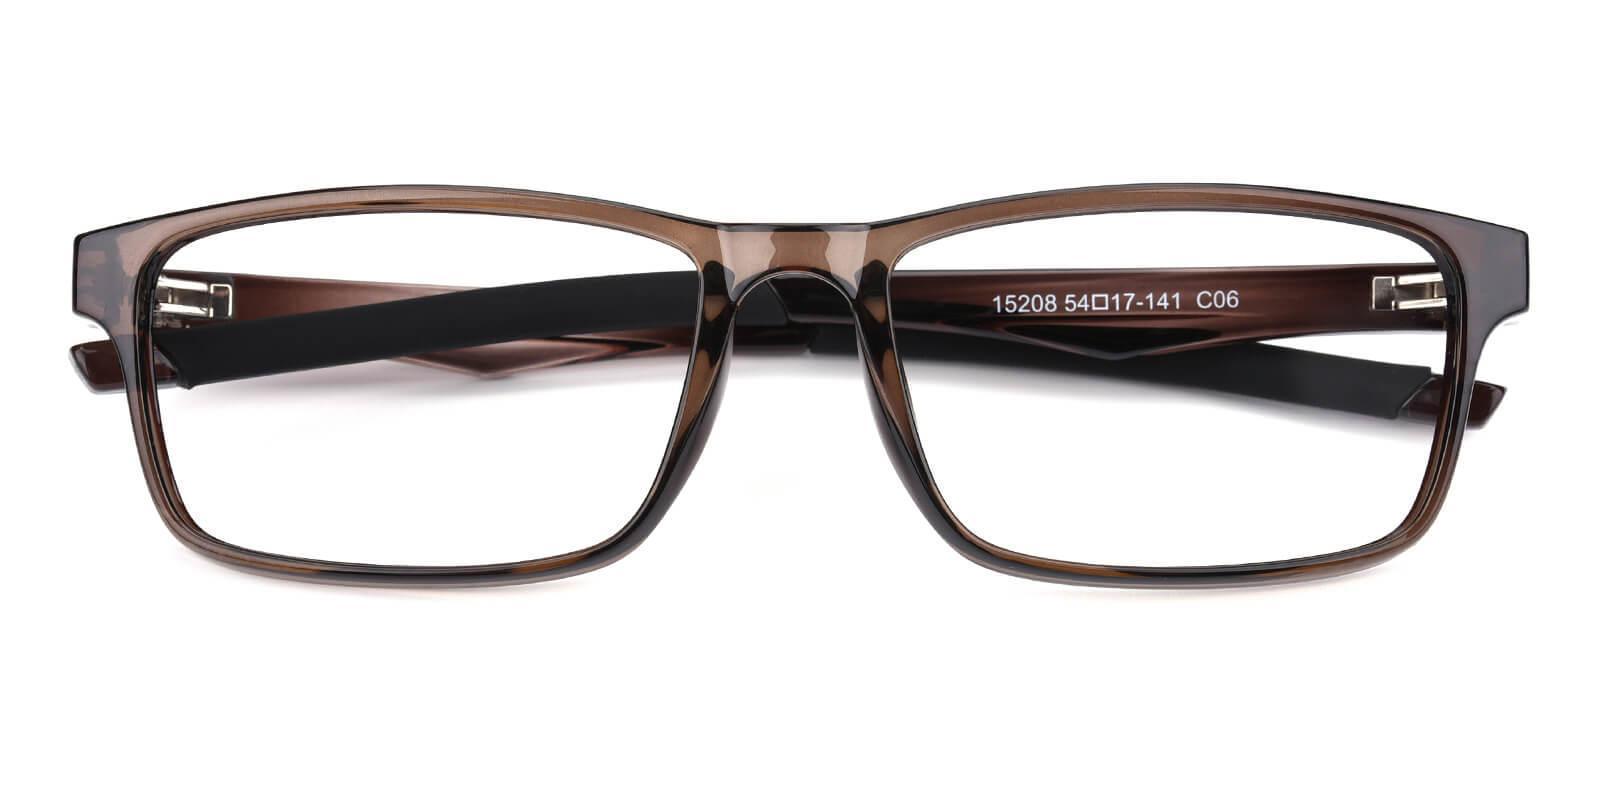 Arctic Gray TR Eyeglasses , SportsGlasses , UniversalBridgeFit Frames from ABBE Glasses